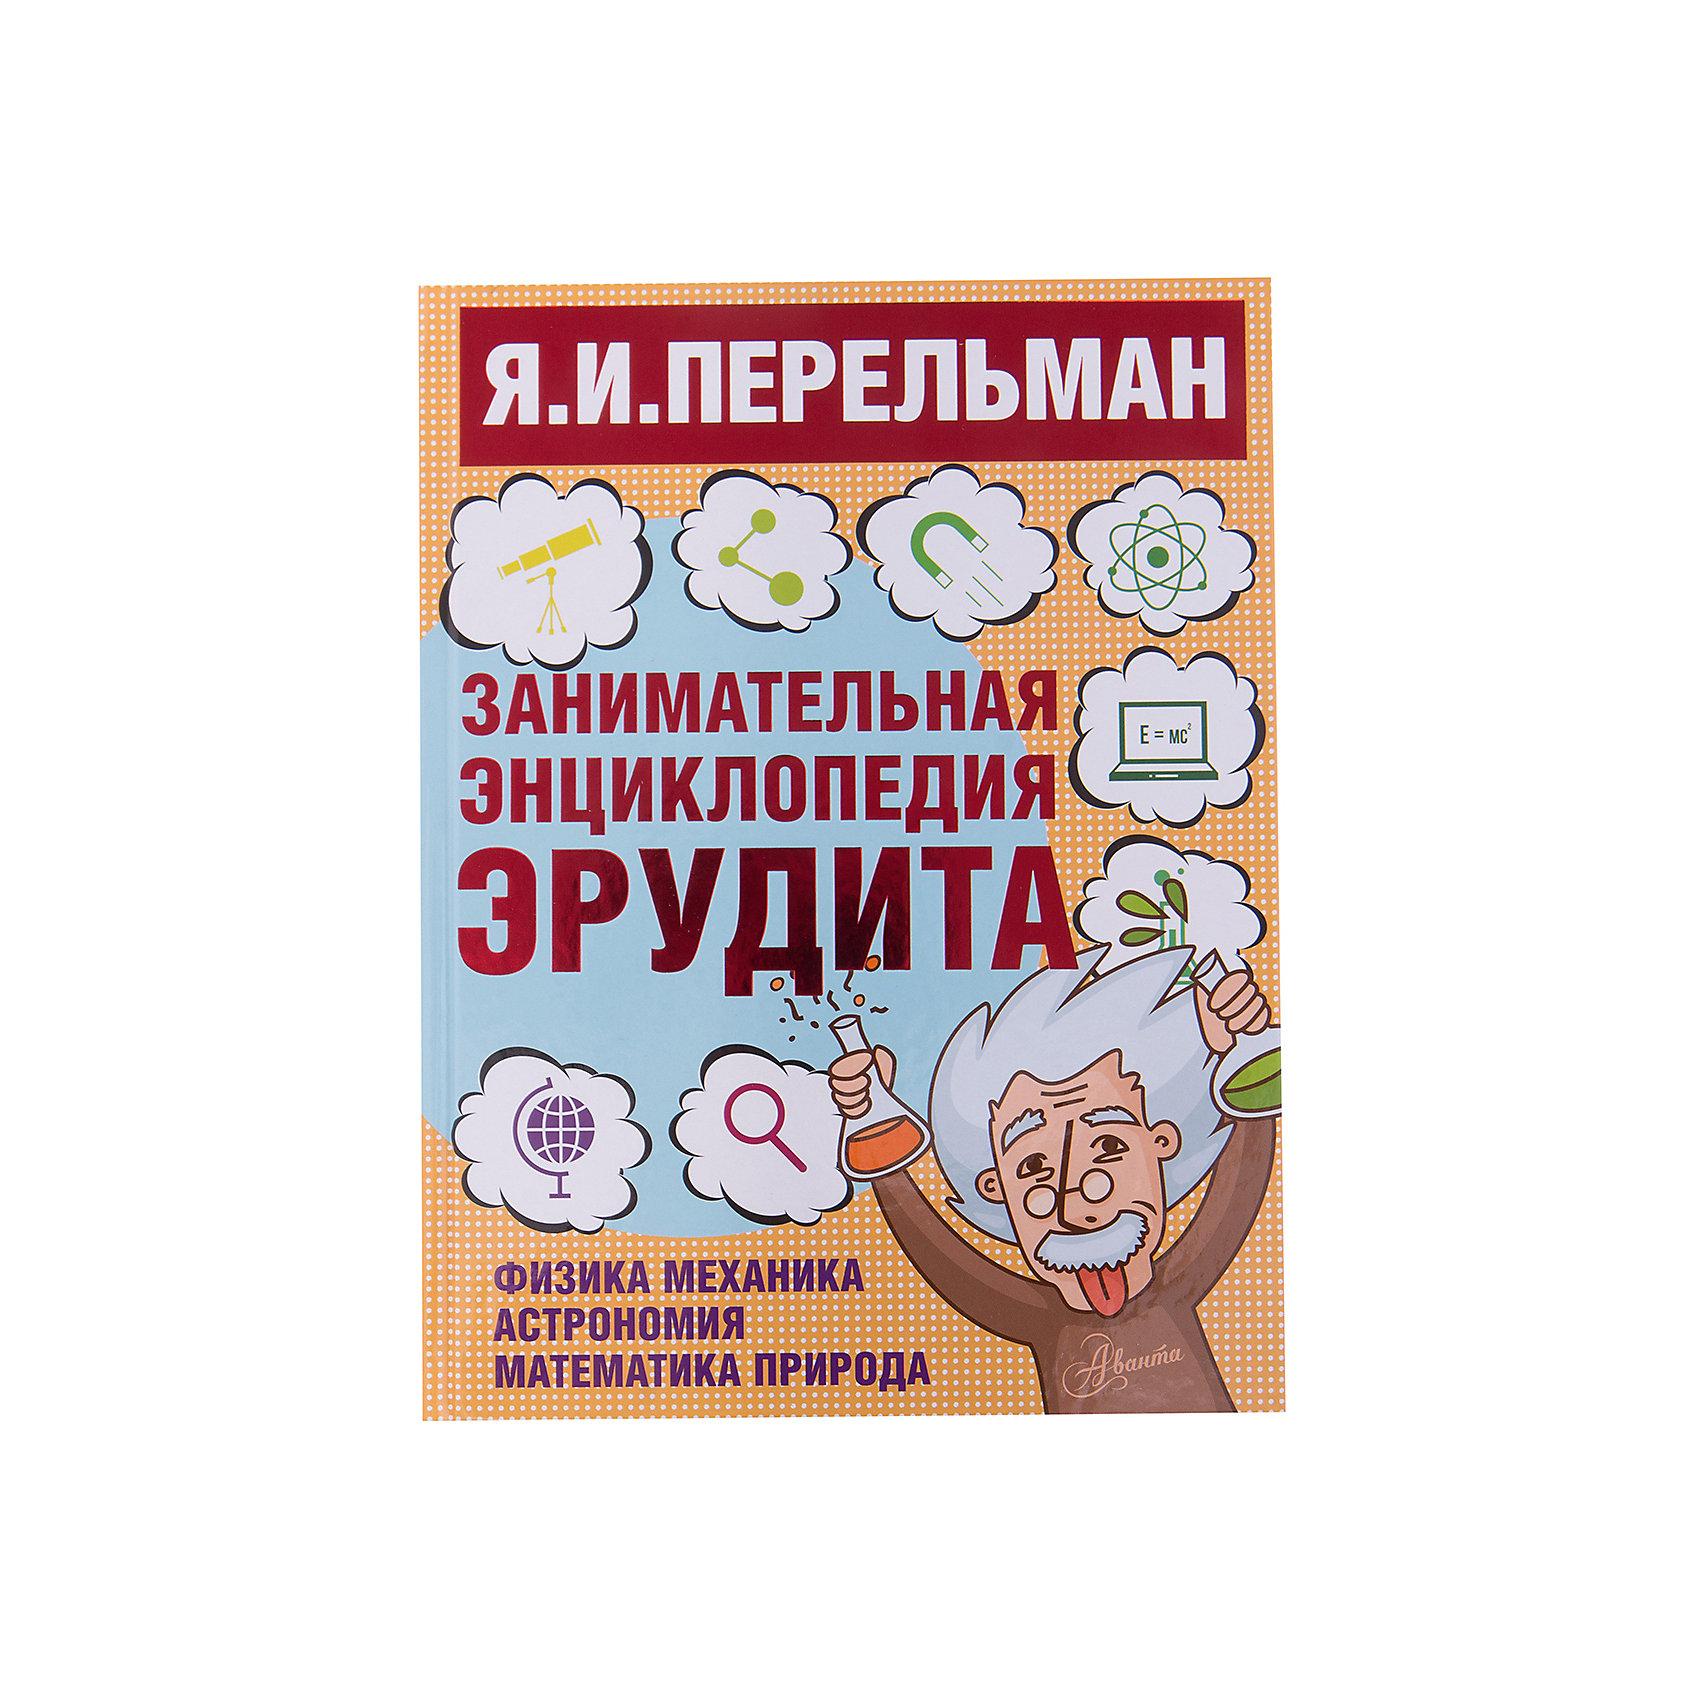 Занимательная энциклопедия эрудита, Яков ПерельманЭнциклопедии всё обо всём<br>Юные читатели, перед вами замечательная книга, написанная специально для тех ребят, которые стремятся стать образованными, интересными и высоко эрудированными собеседниками. Издание откроет вам новое в мире естественных наук, а также объяснит явления, которые казались вам совершенно не понятными: что такое вечный<br>двигатель, почему дует от закрытого окна, может ли лед не таять в кипятке, существует ли море, в котором нельзя утонуть, кто придумал слова «газ» и «атмосфера», сколько воздуха мы вдыхаем, что такое зрительный обман, как измерить глубину пруда без всяких приспособлений и многое-многое другое.<br>Кроме этого, в книге представлено большое количество развивающих задач и головоломок с подробным решением и объяснениями.<br>Это прекрасно иллюстрированное издание станет отличным подарком для любознательных читателей.<br><br>Ширина мм: 280<br>Глубина мм: 210<br>Высота мм: 250<br>Вес г: 1076<br>Возраст от месяцев: 84<br>Возраст до месяцев: 2147483647<br>Пол: Унисекс<br>Возраст: Детский<br>SKU: 6848359